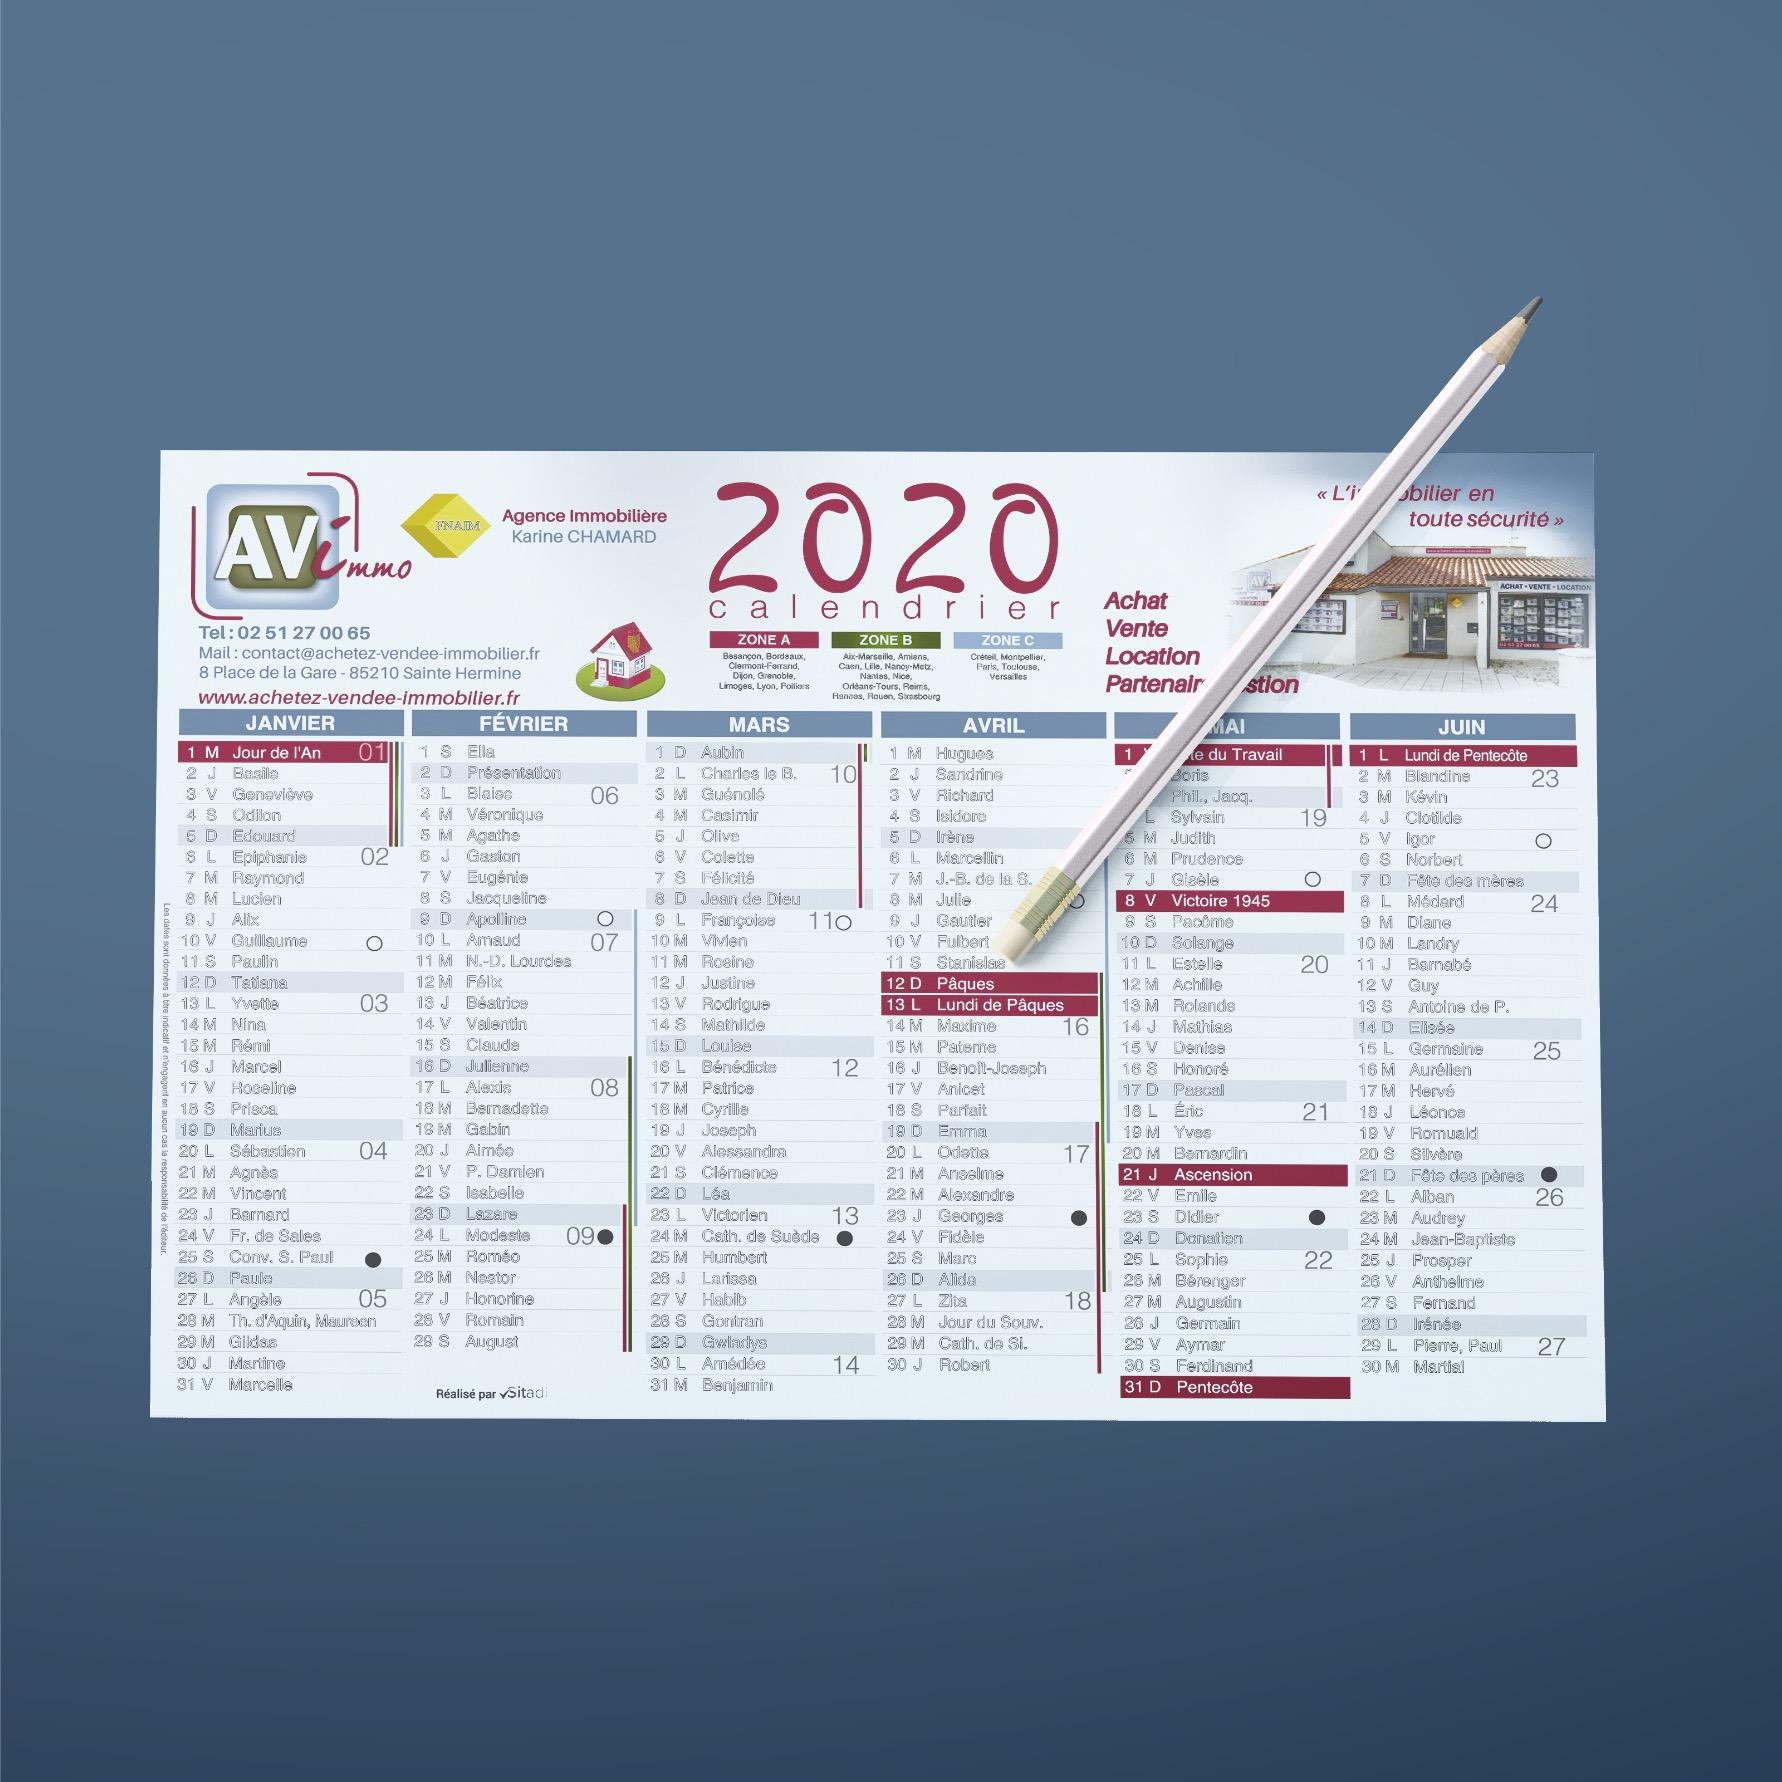 Calendrier Sitadi - Calendrier 2020 AVIMMO